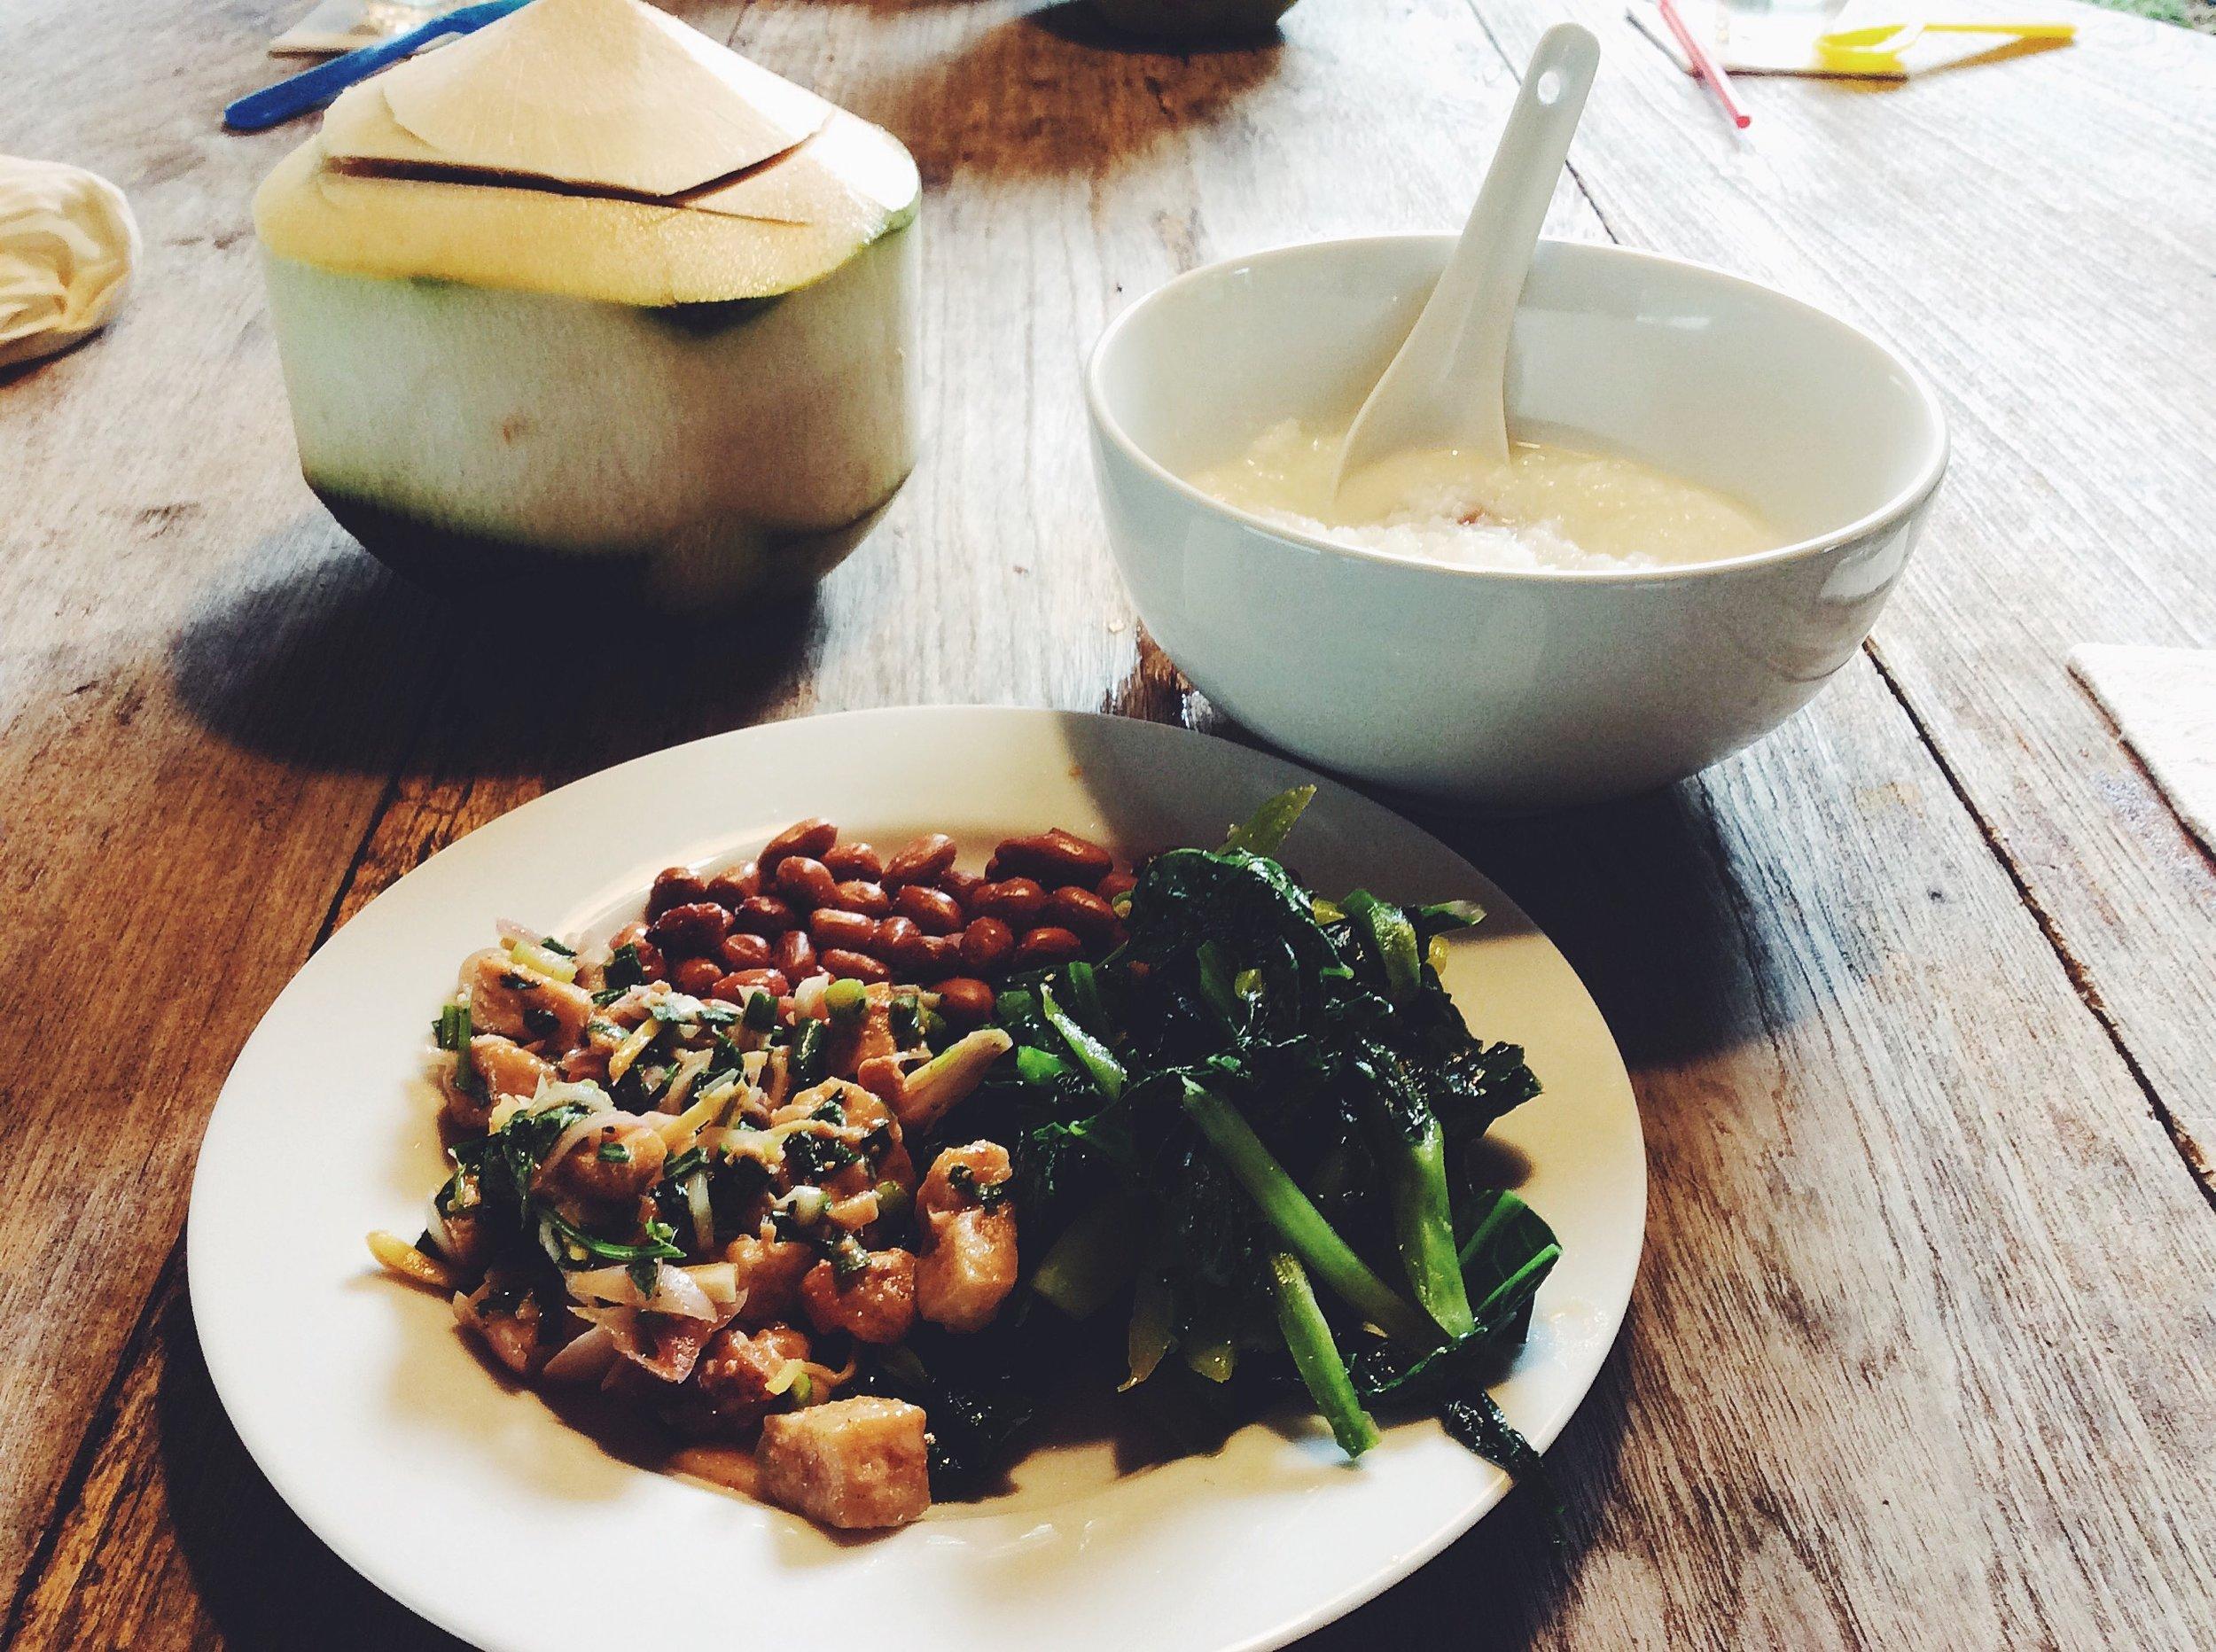 Healthy Thaifood